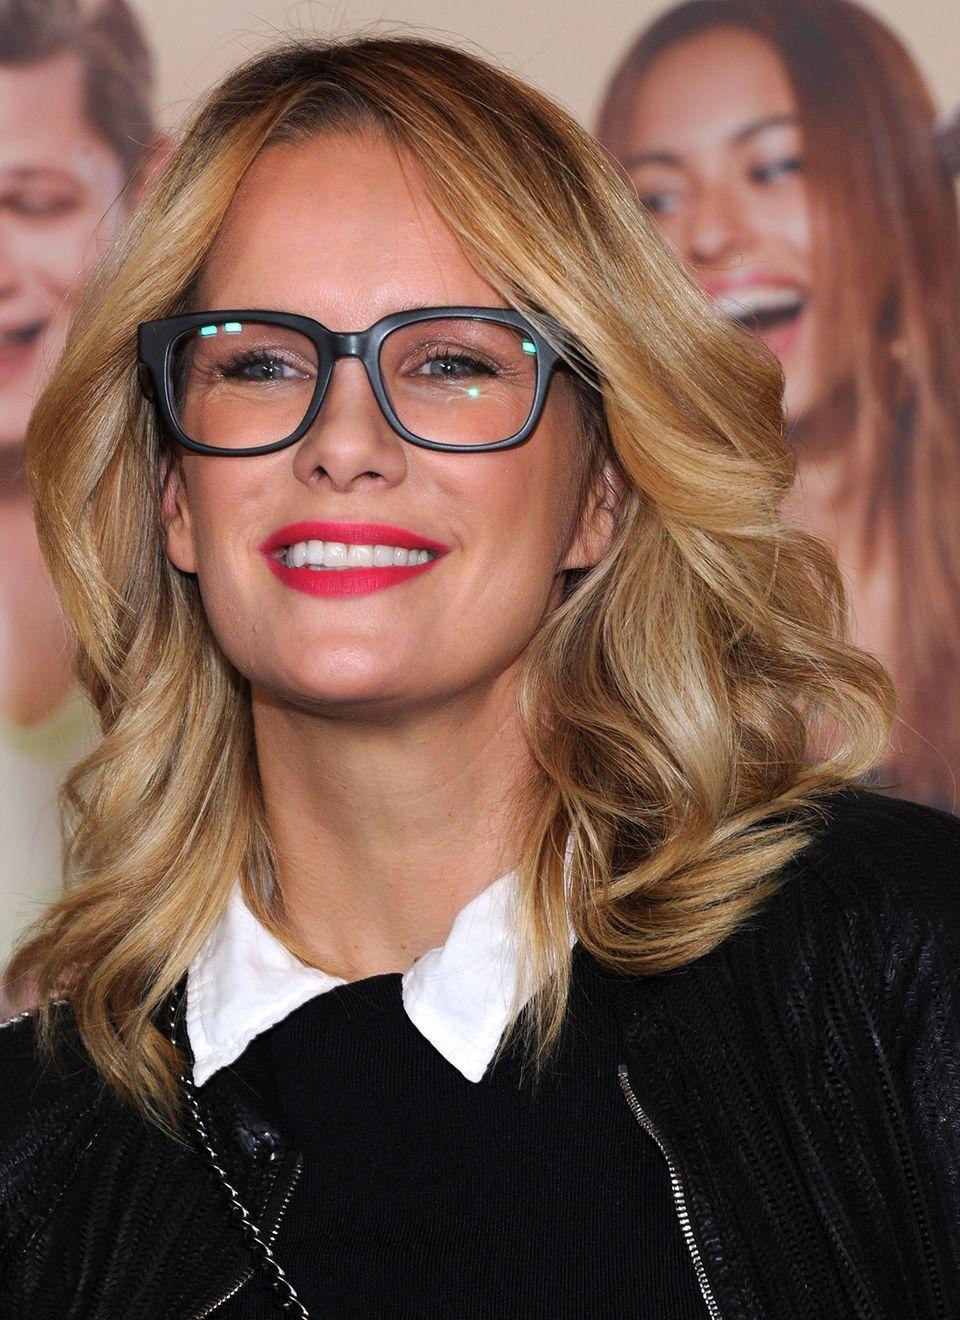 """Bei der Premiere von """"Fack ju Göthe 2"""" in München war Model und Moderatorin Monica Ivancan mit ihrer schwarzen Nerdbrille ein stylischer Hingucker."""